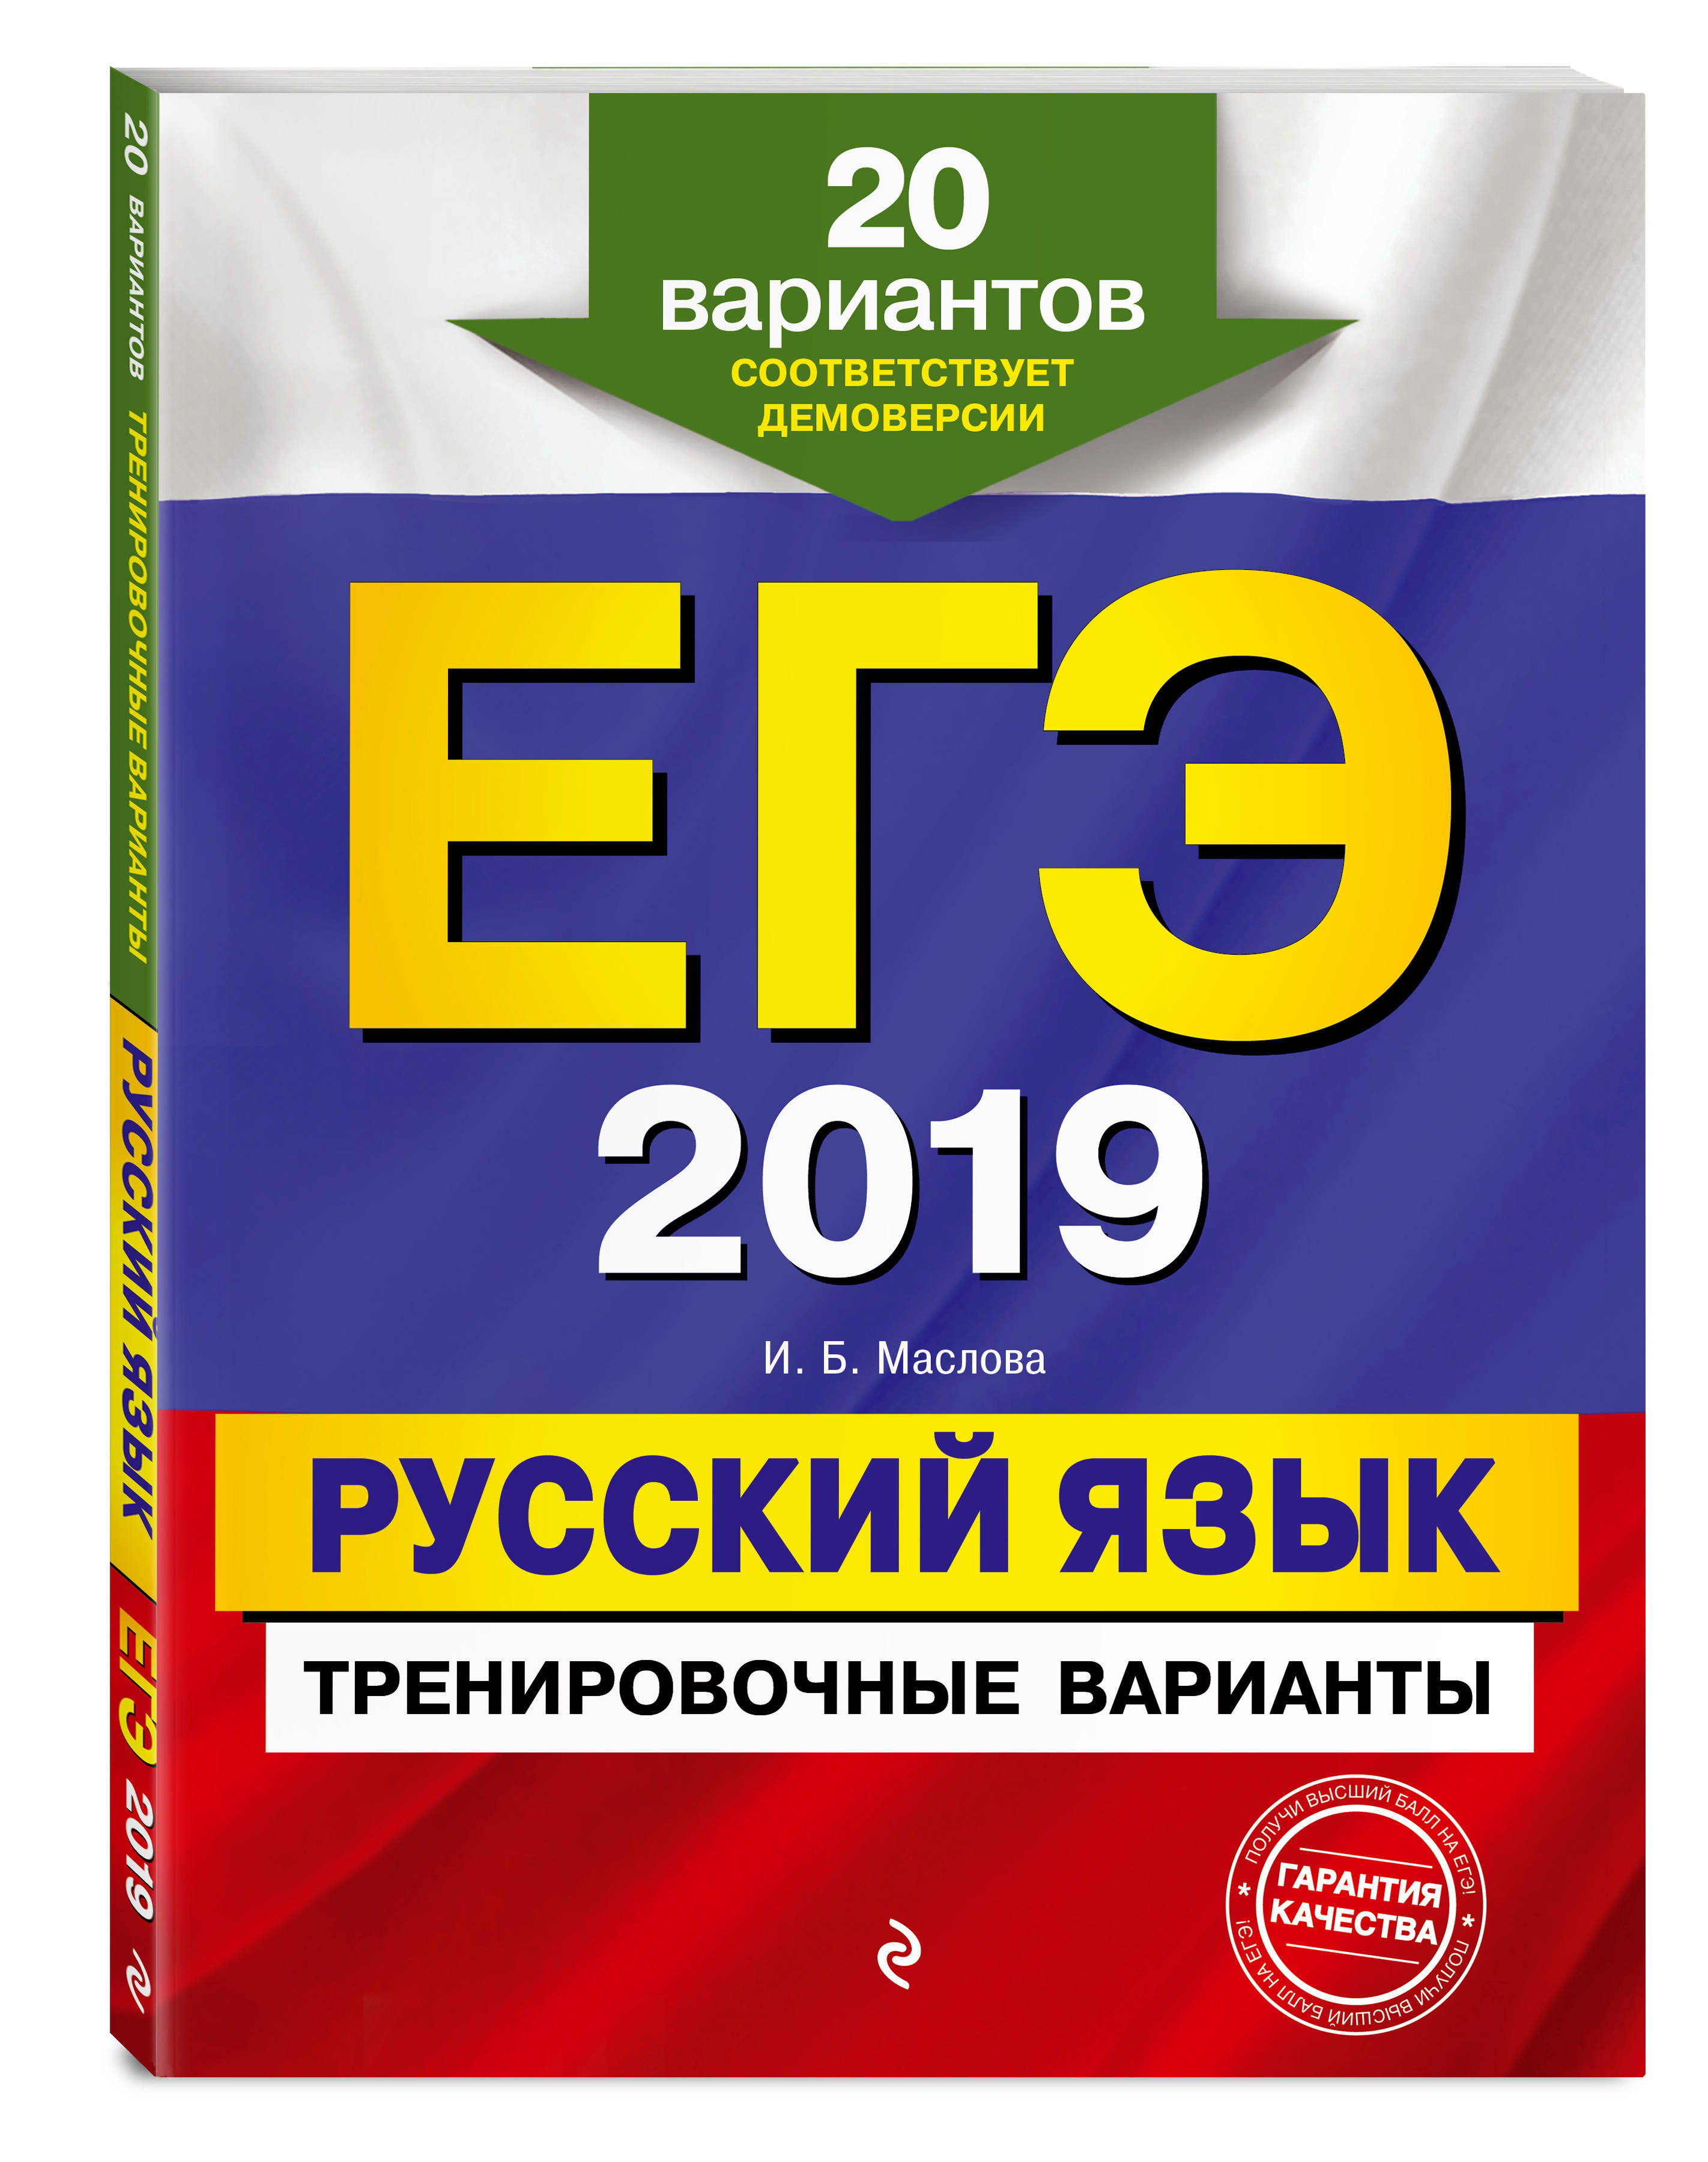 ЕГЭ-2019. Русский язык. Тренировочные варианты. 20 вариантов